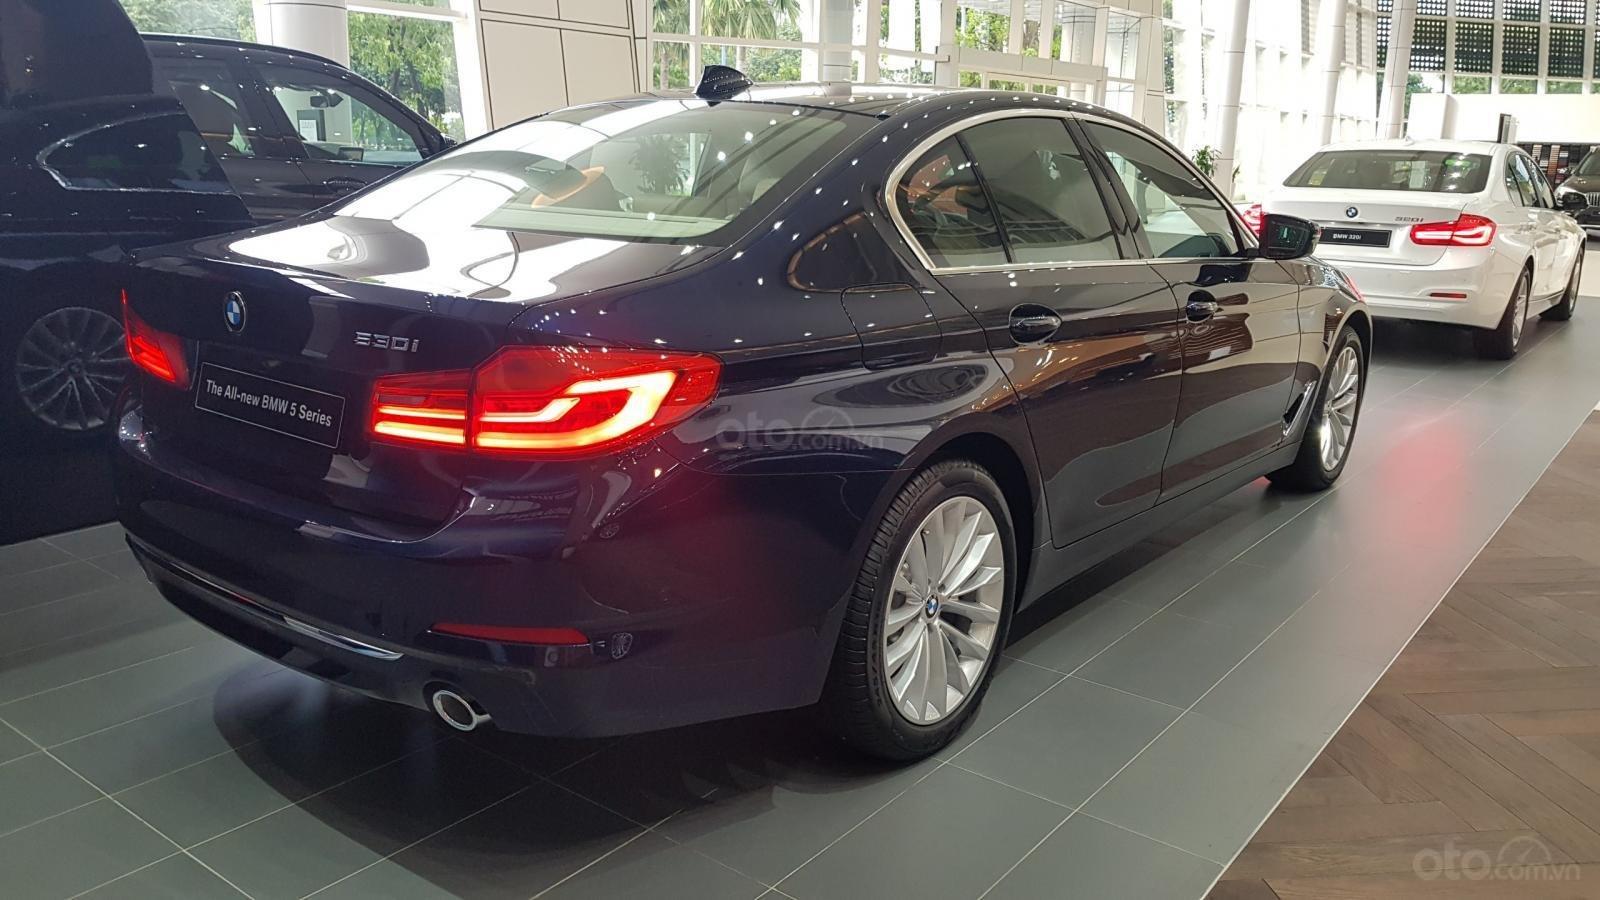 BMW 530i, giảm giá 100tr, tặng BHVC, thủ tục nhanh gọn, giao xe tận nhà (2)